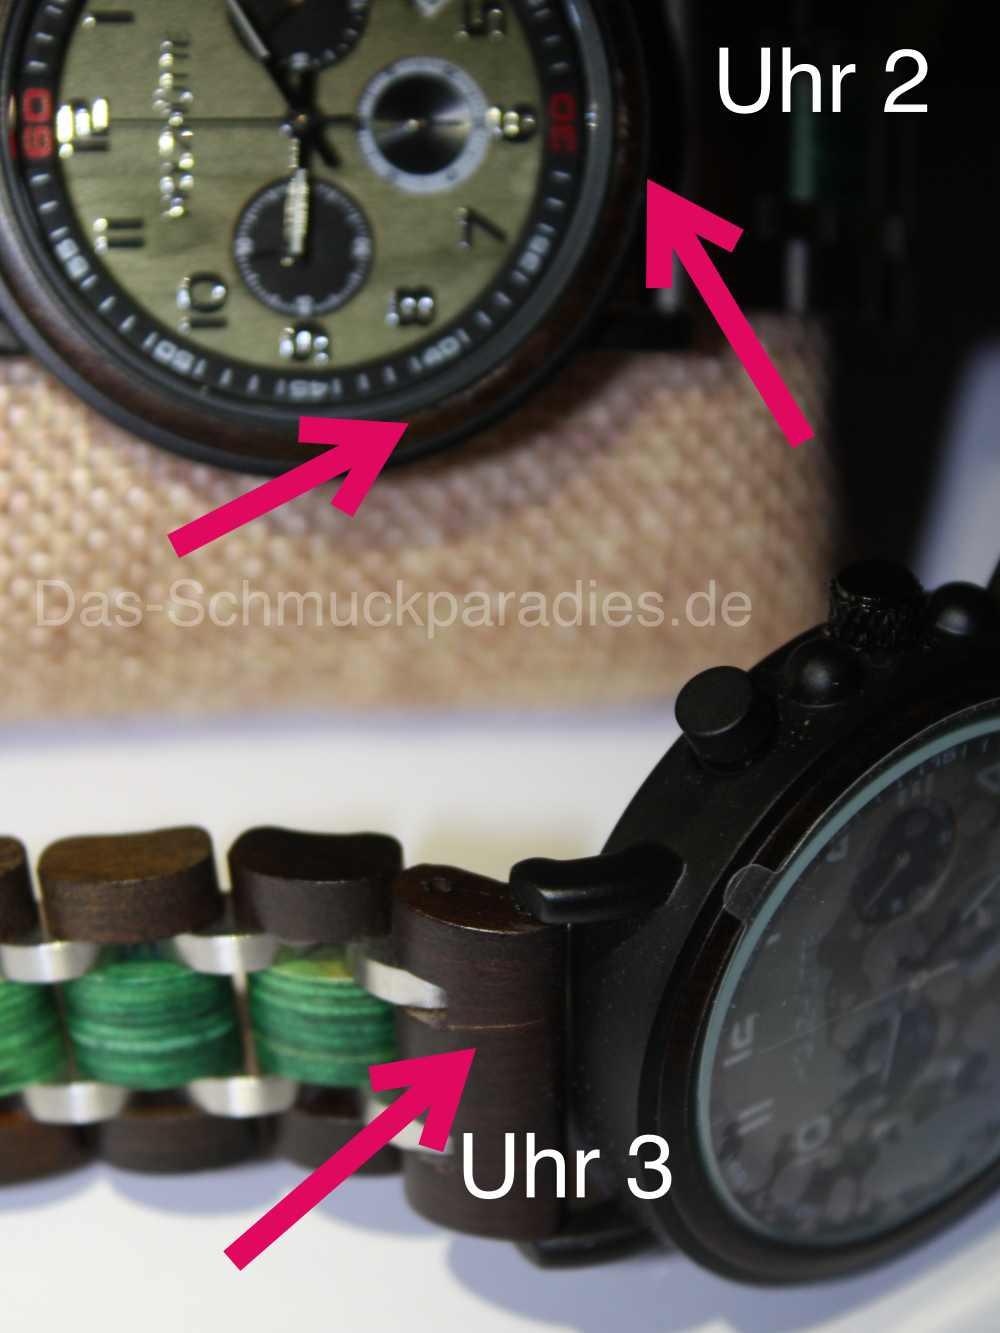 Uhr aus Holz - Holz gebrochen